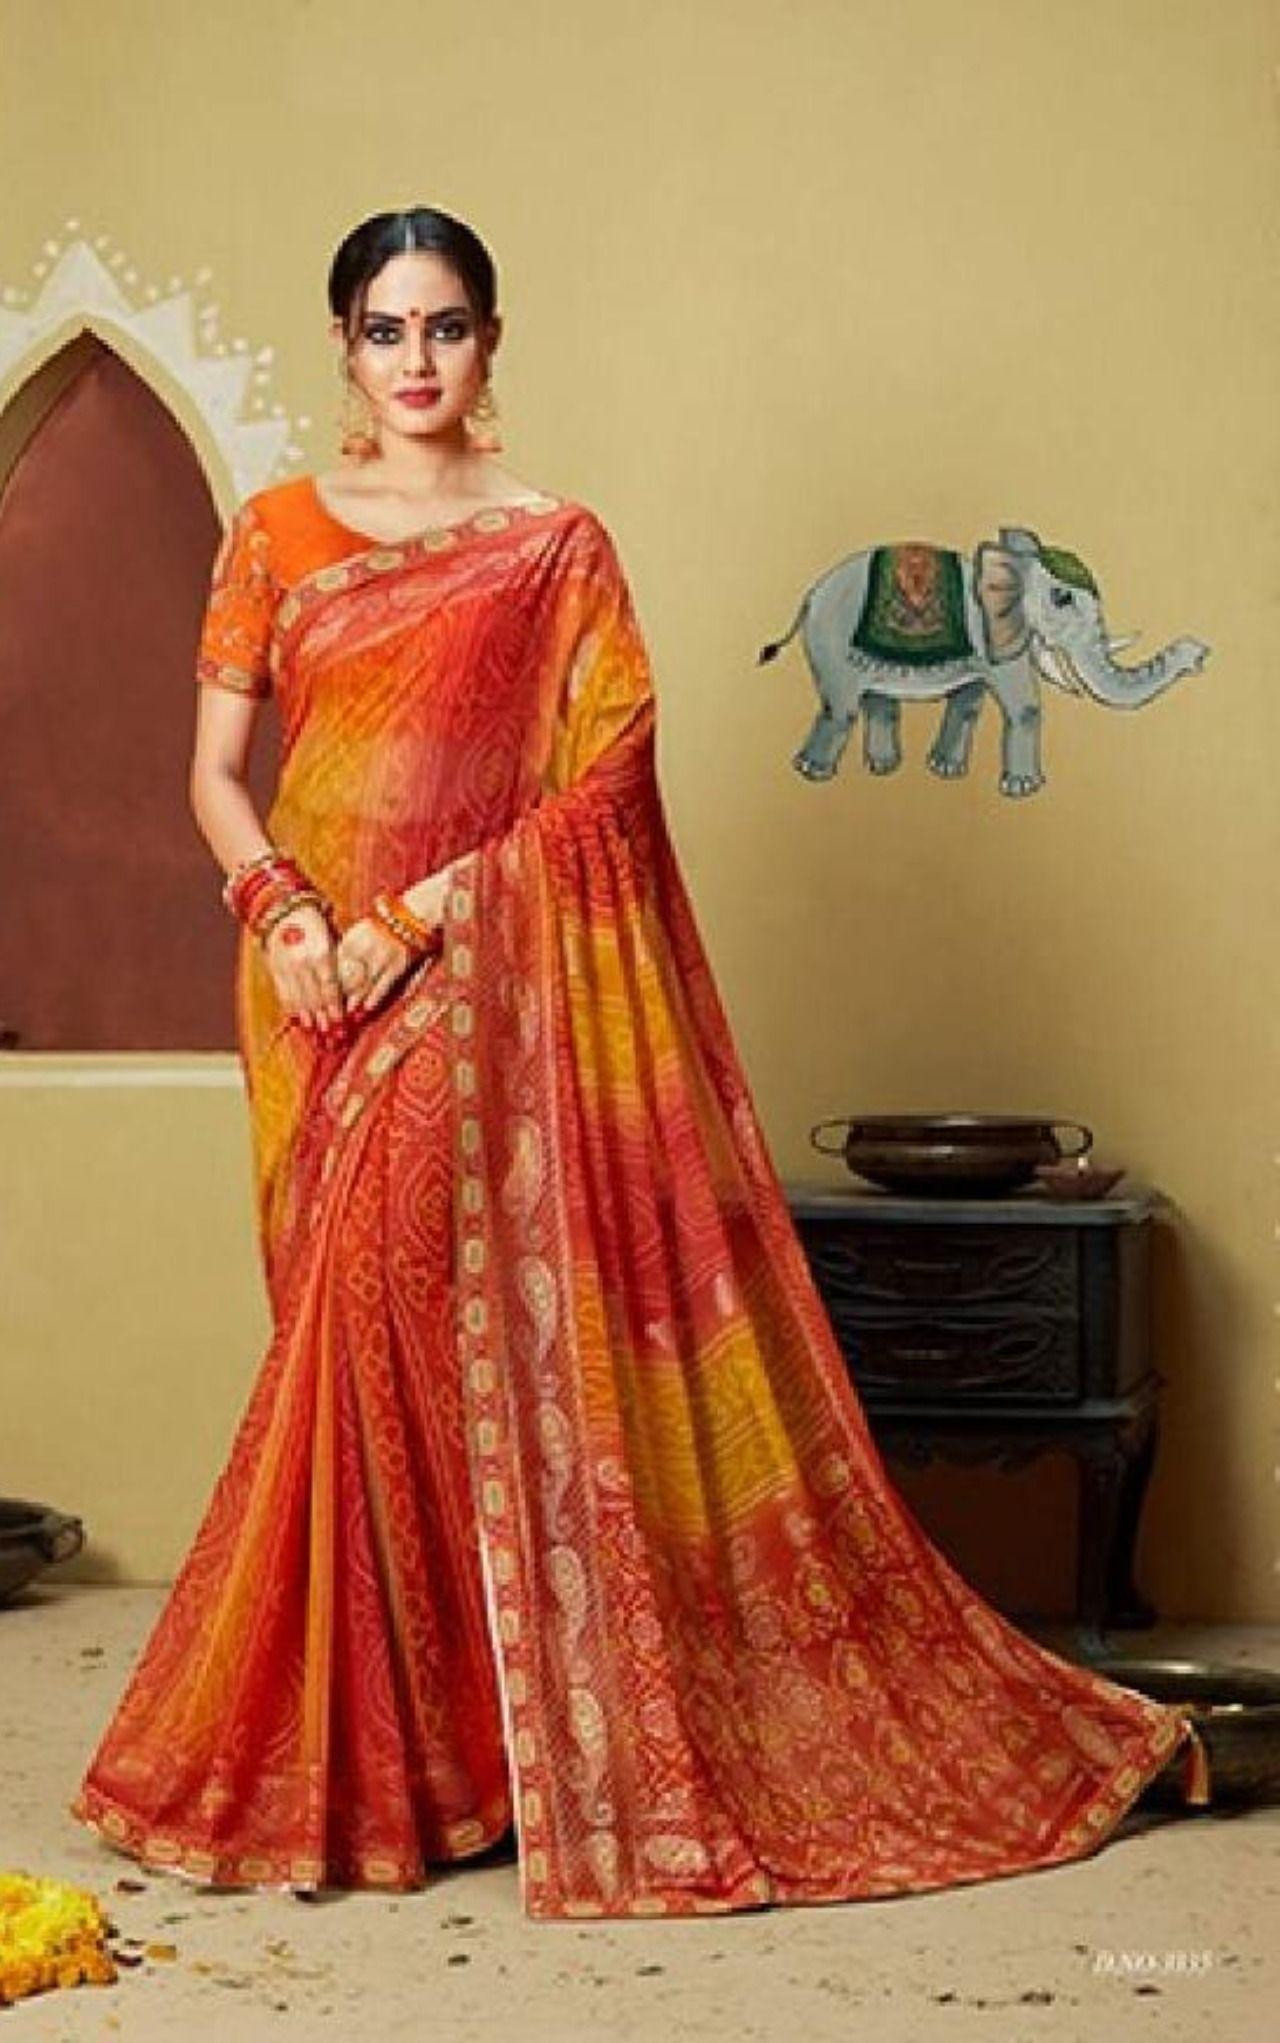 Satin silk saree designers saree foil print saree heavy quality soft silk women/'s saree saree blouse,bridal saree sari green saree